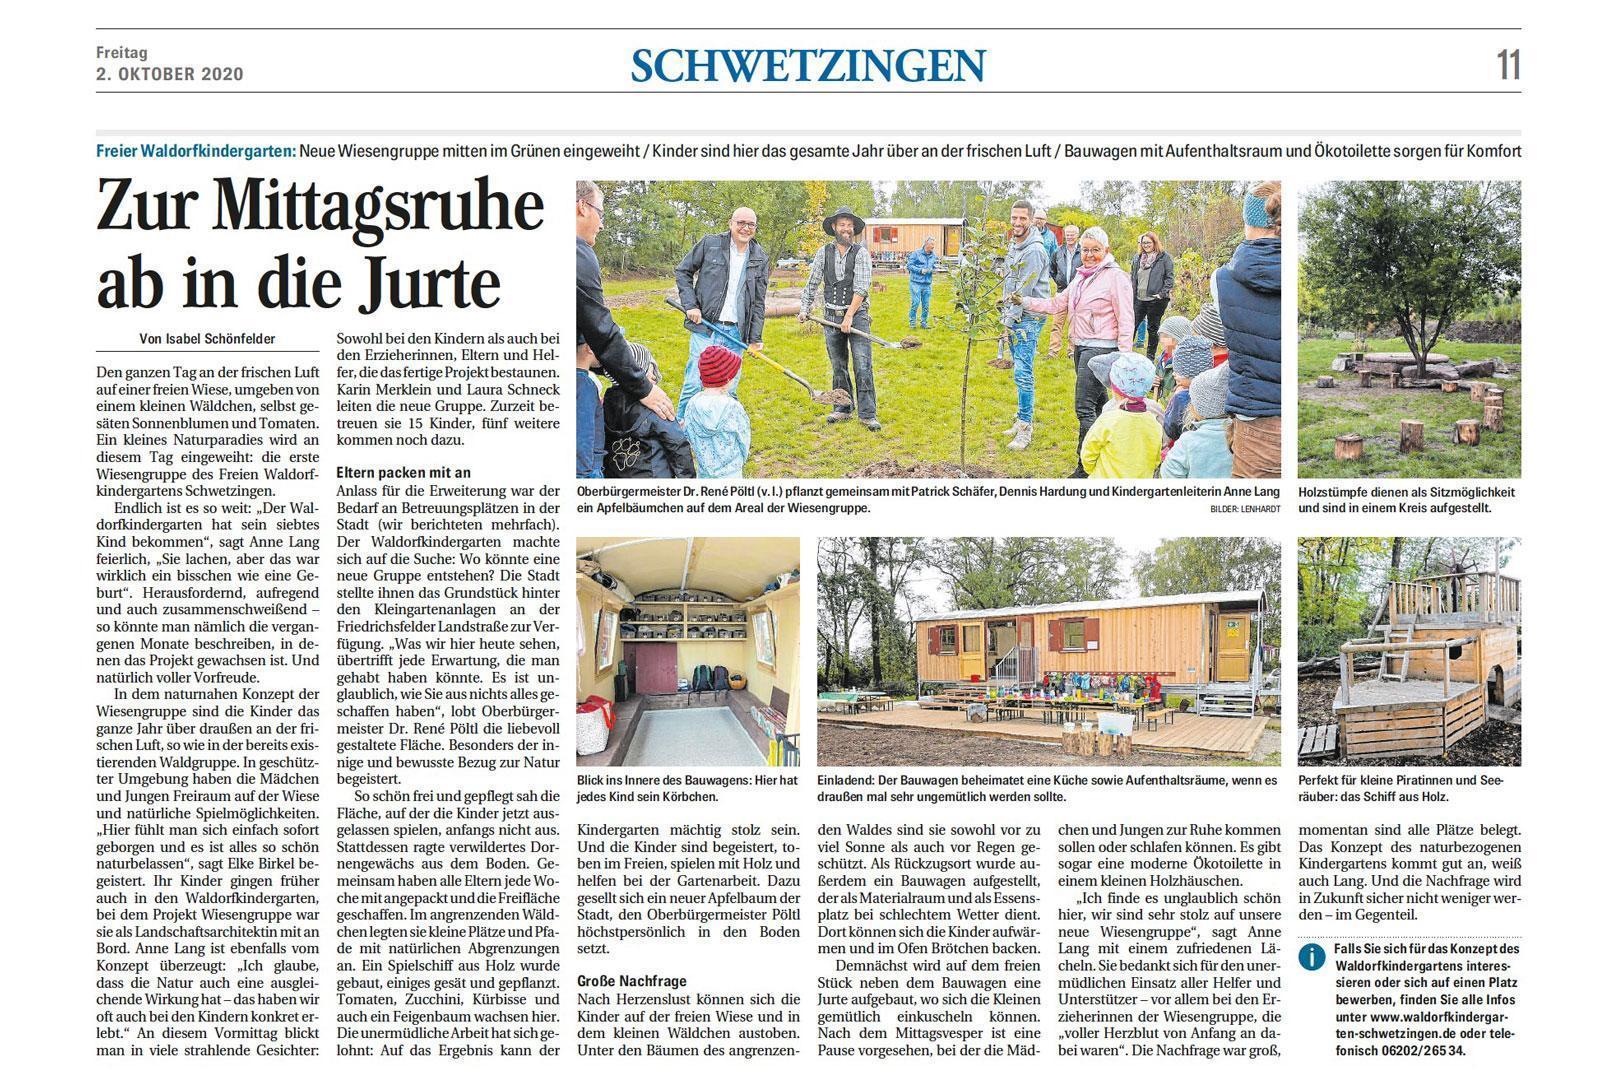 Bericht im Mannheimer Morgen über die Wiesengruppe